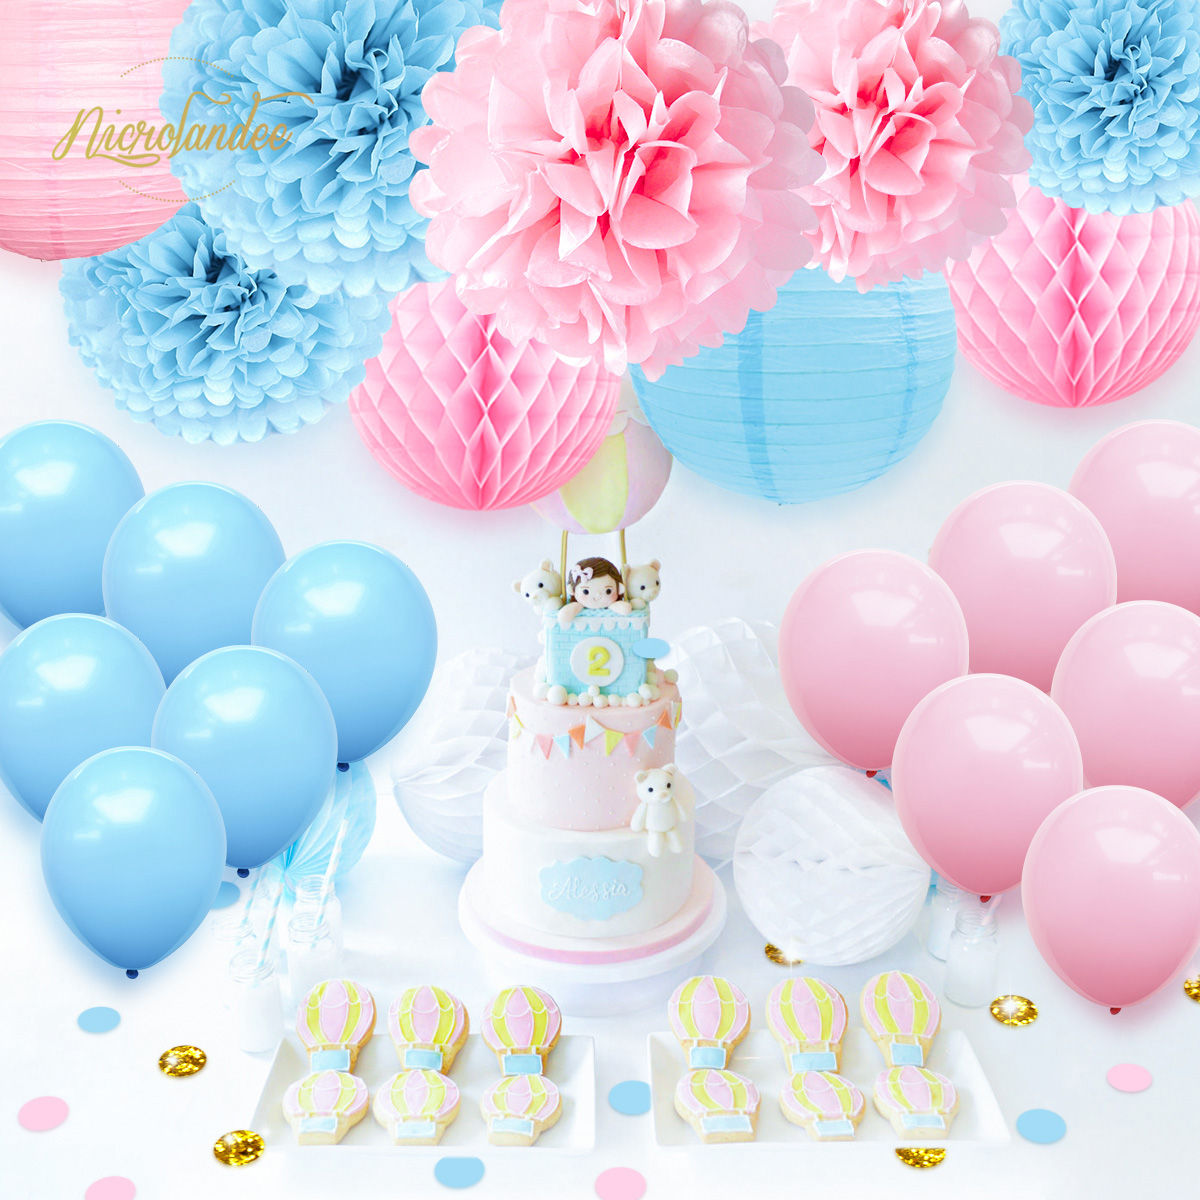 NICROLANDEE Rosa Azul Menino Feliz Aniversário Balões De Papel PomPom Menina Flor 22 pçs/set Decoração da Festa de Casamento Do Chuveiro Do Bebê DIY